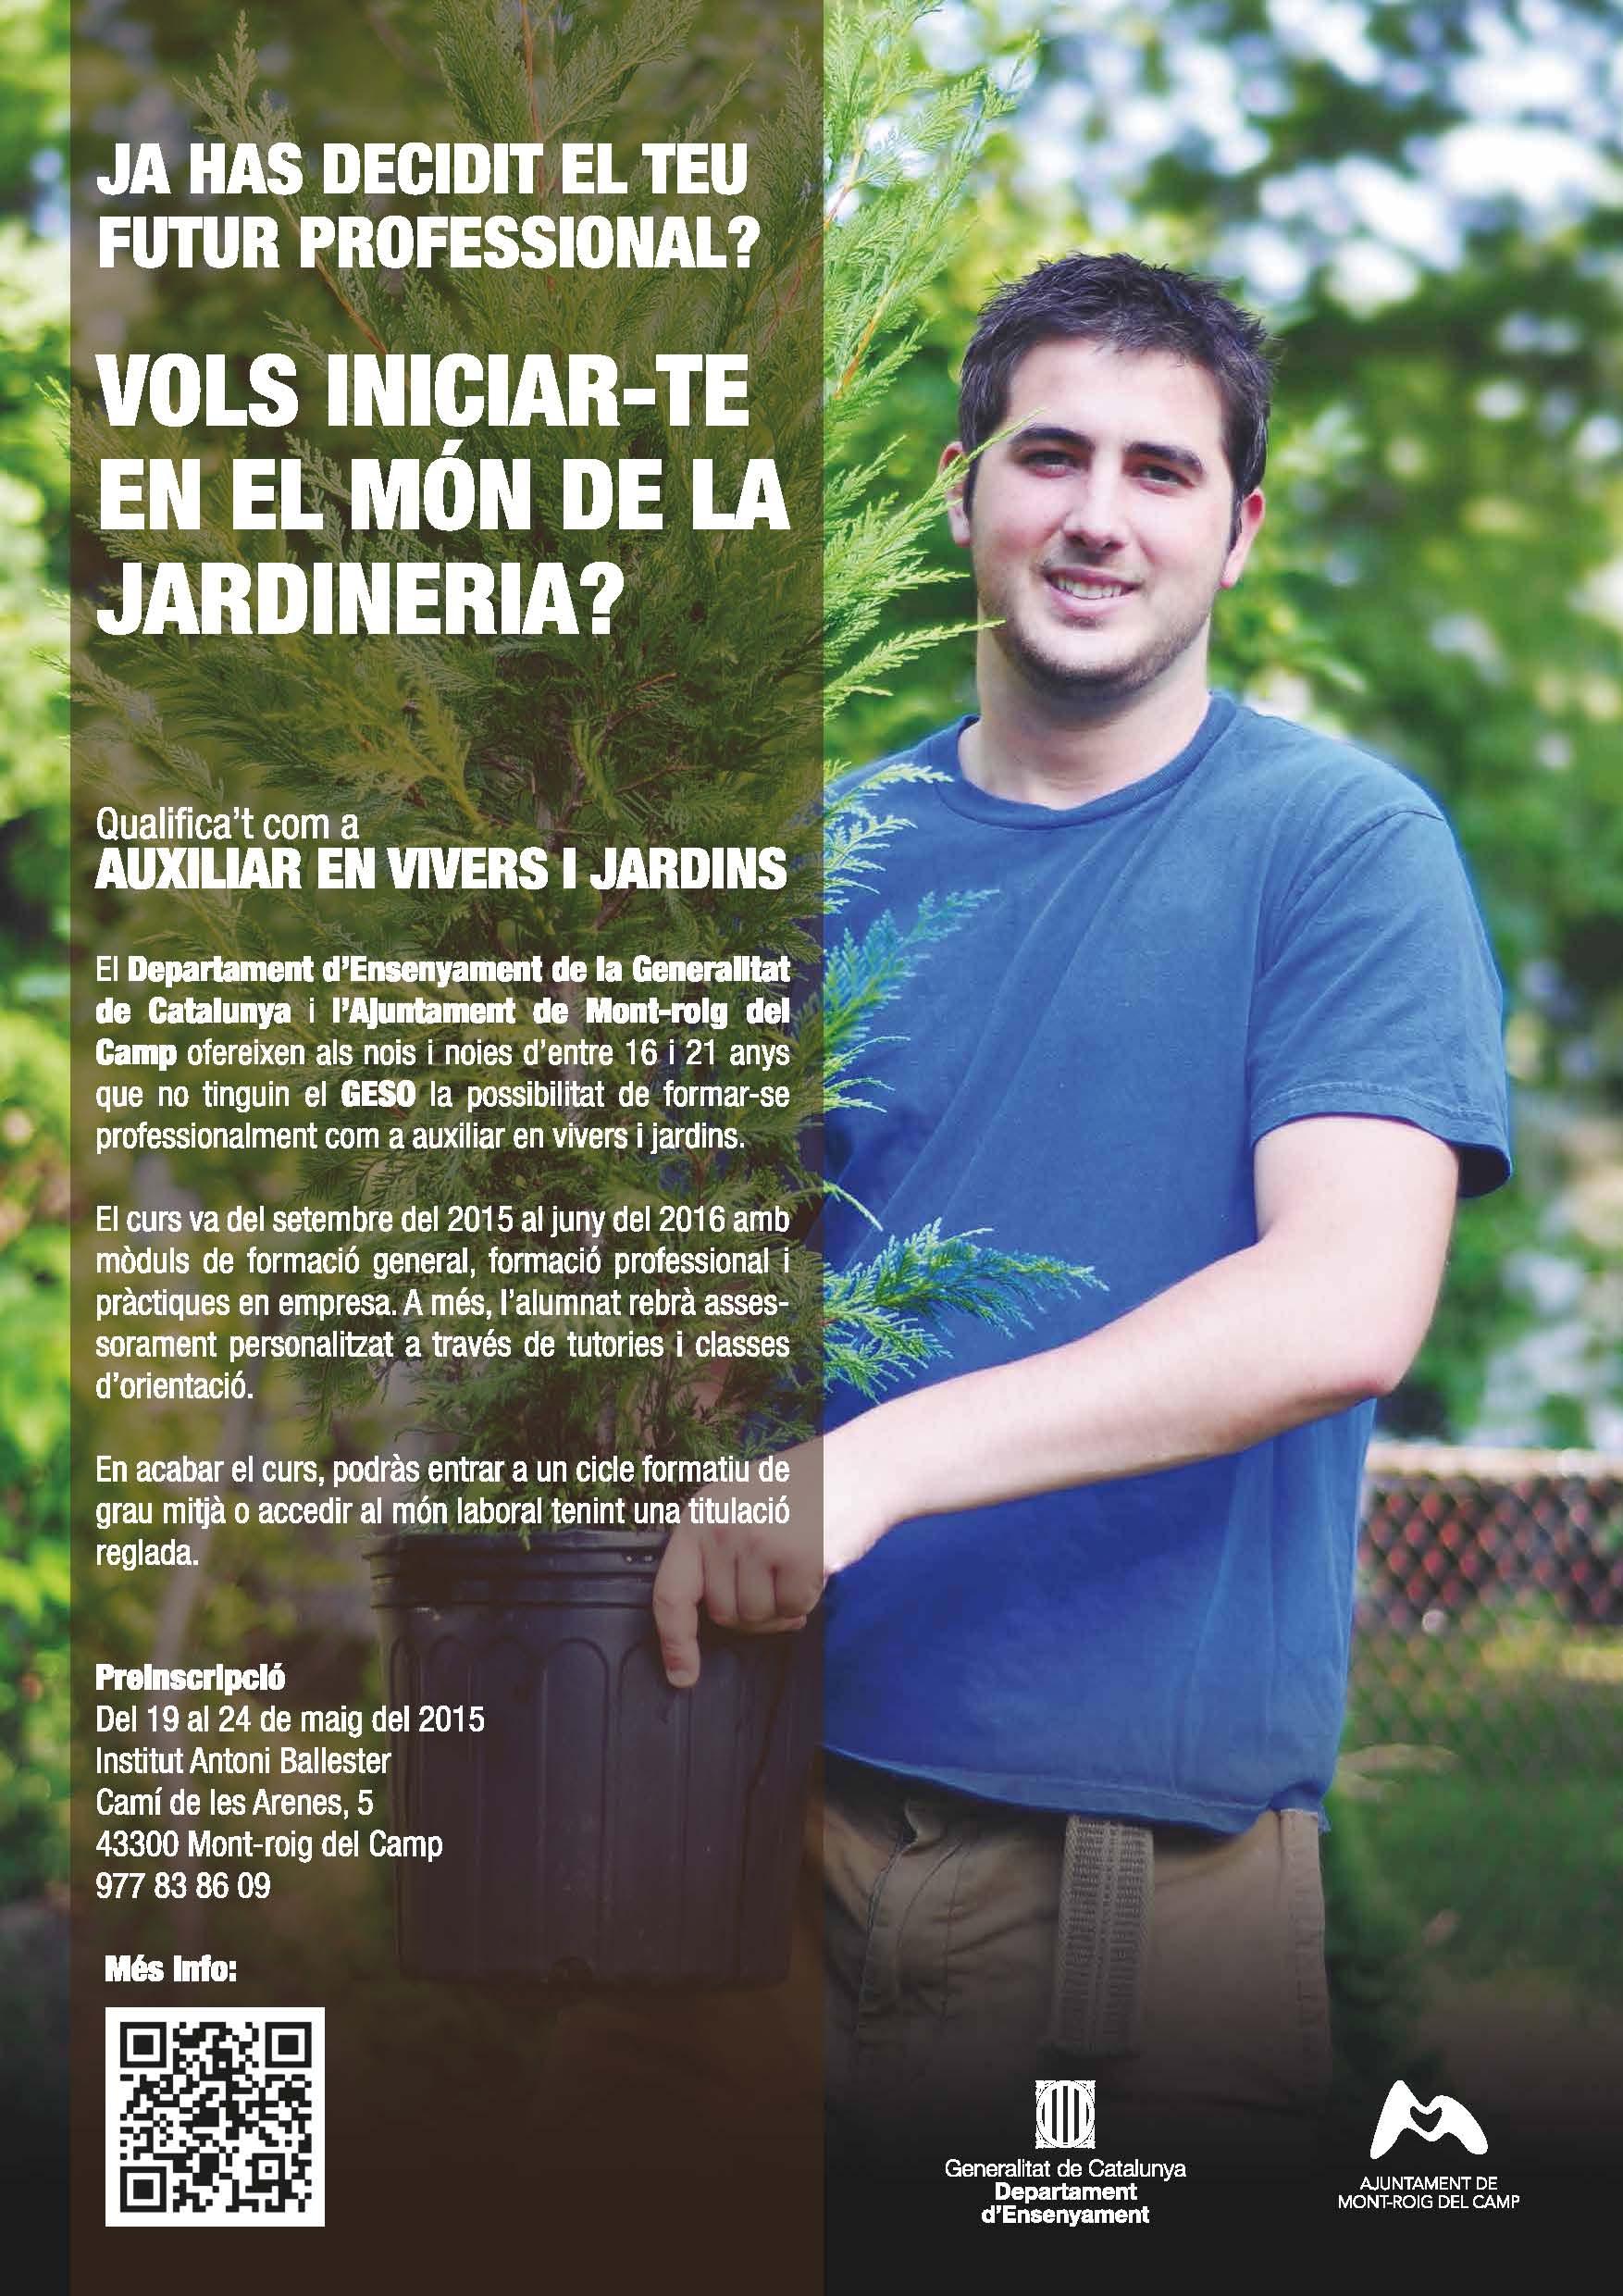 PTT de Auxiliar en viveros y jardines